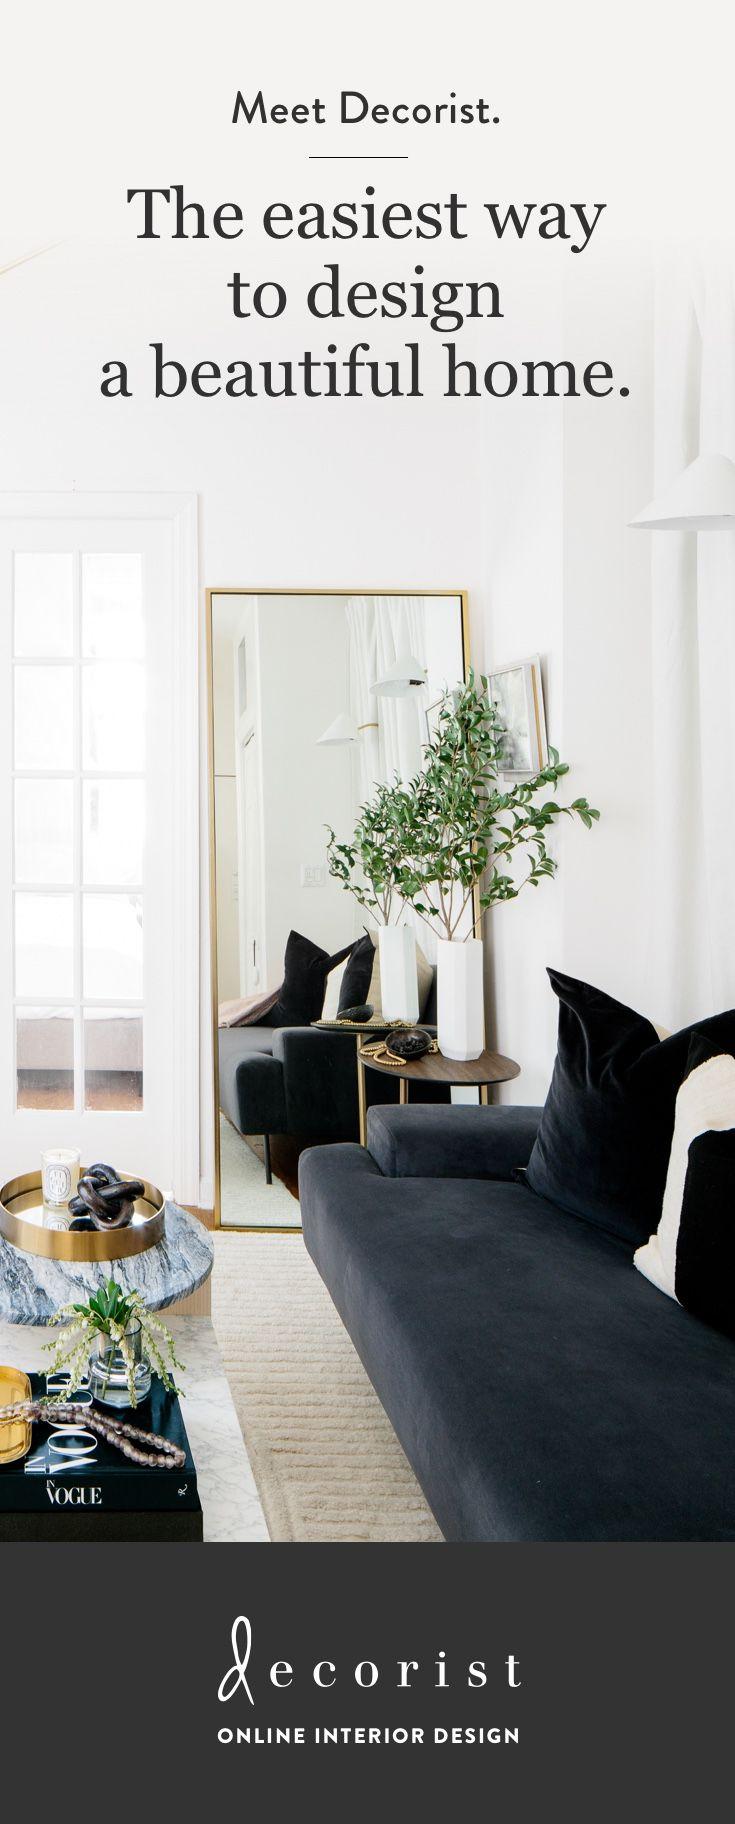 Best 25+ Interior design online ideas on Pinterest | DIY online ...